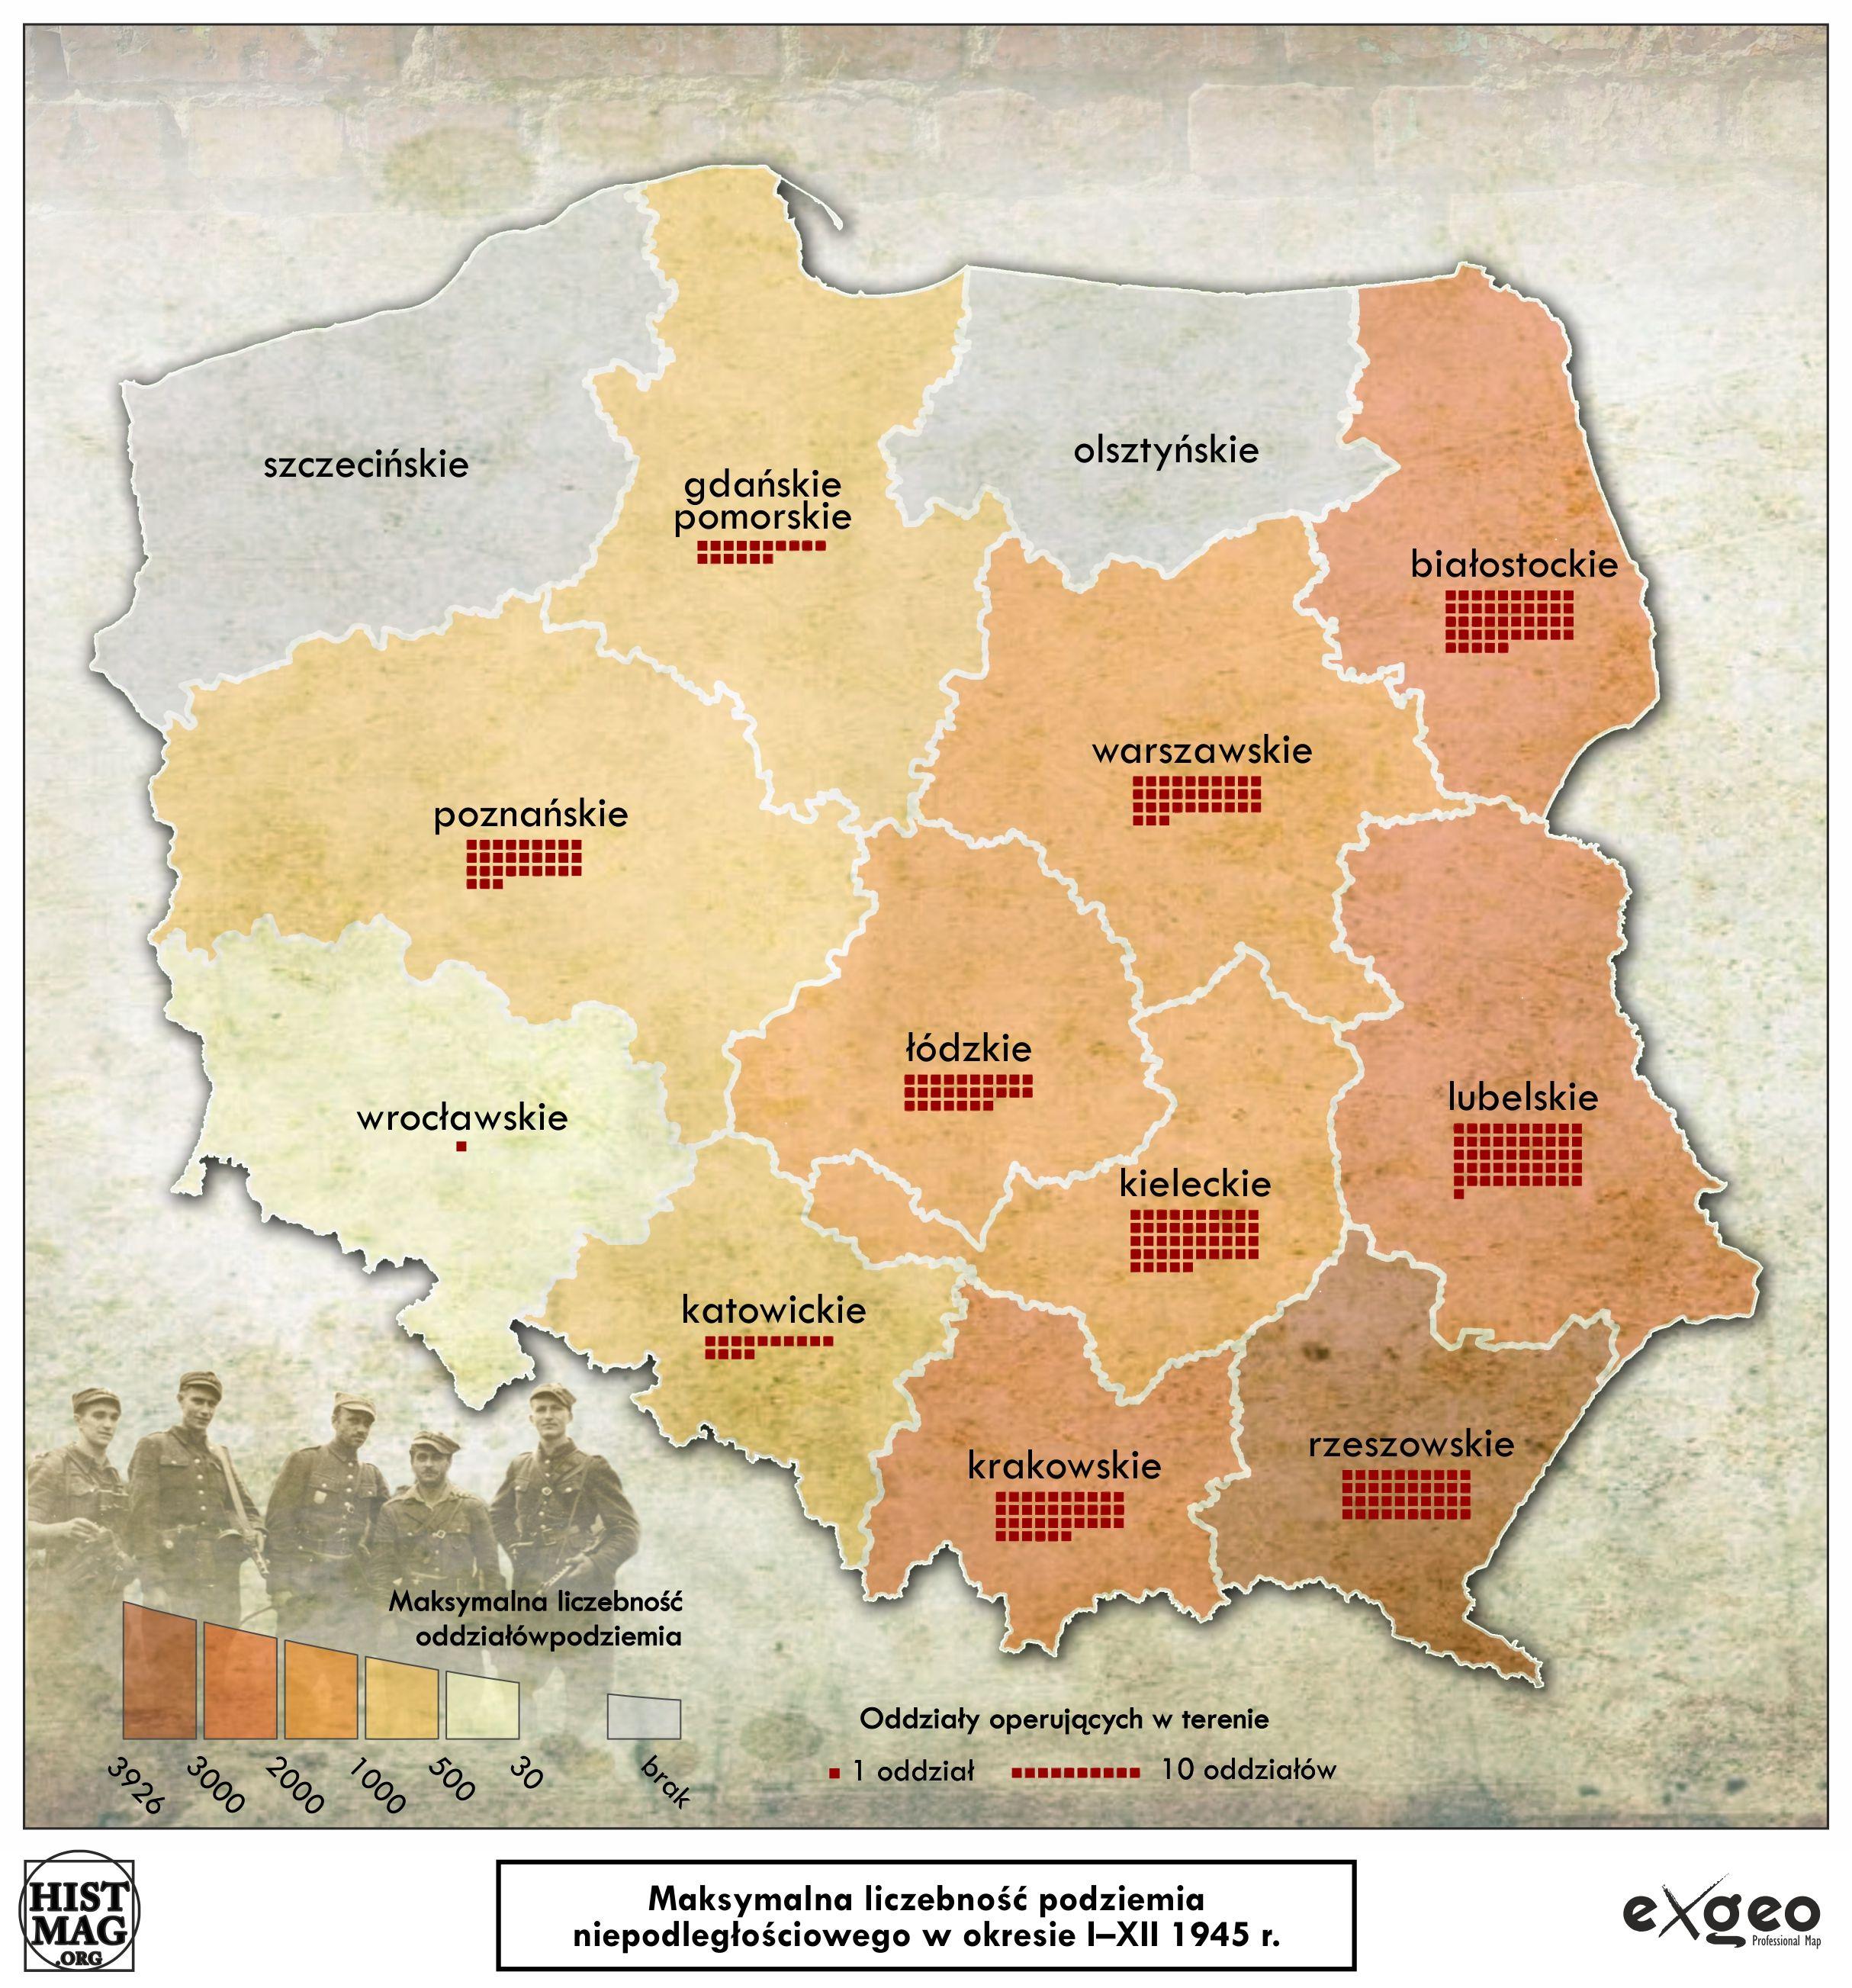 Maksymalna liczebność podziemia niepodległościowego w okresie I-XII 1945 r. (aut. Marcin Sobiech / EXGEO Professional Map)